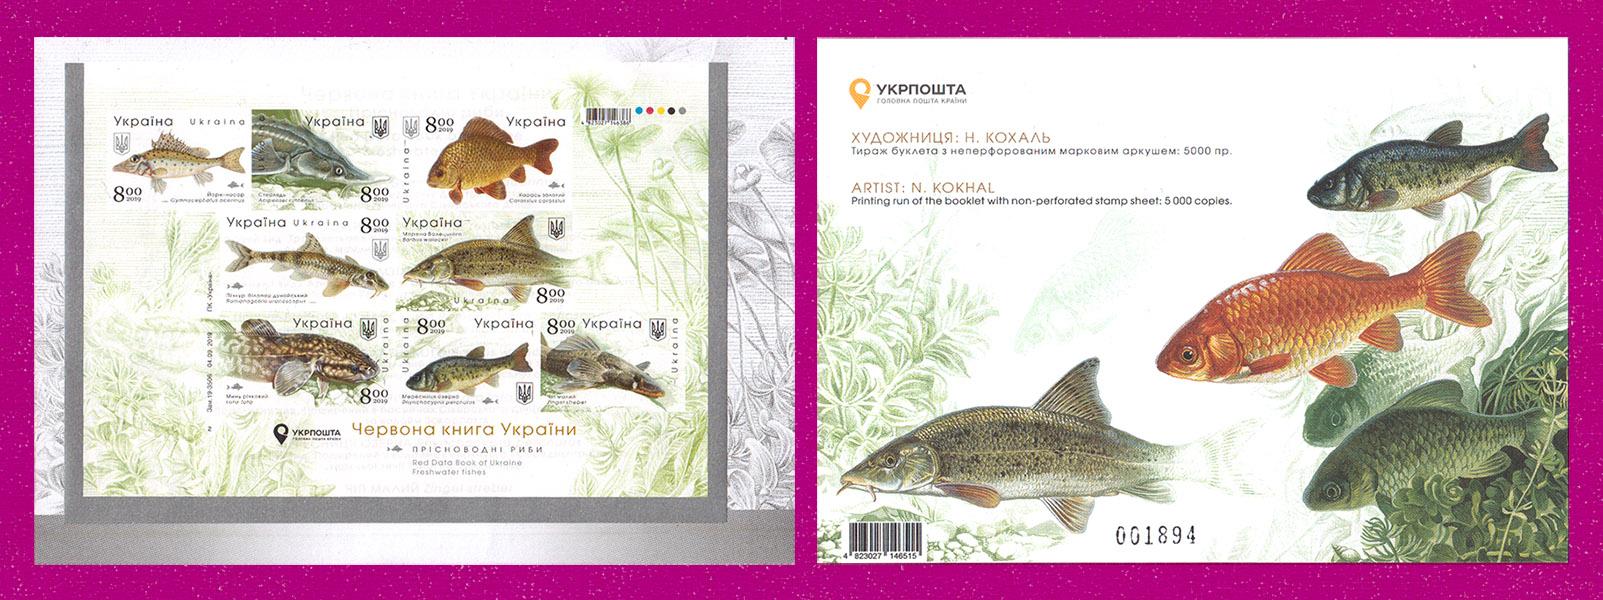 2019 буклет Пресноводные рыбы БЕЗ ПЕРФОРАЦИИ Украина